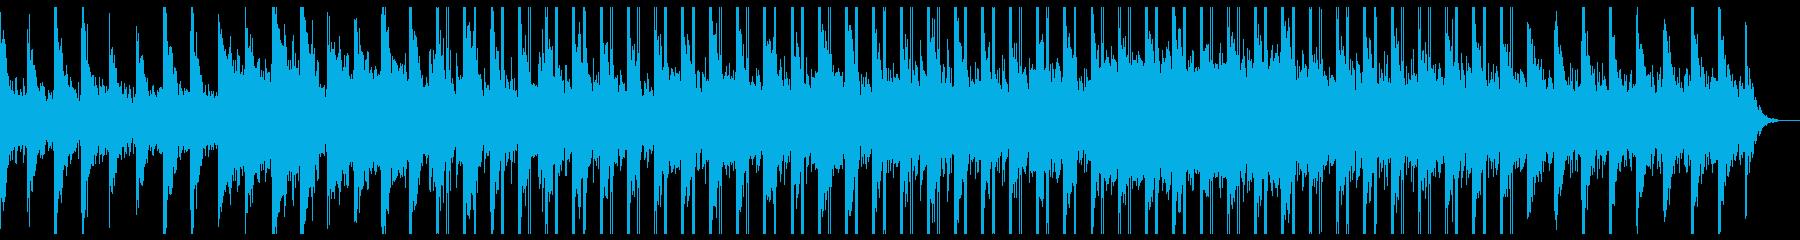 ギターの感傷的なチルシンフォニックポップの再生済みの波形